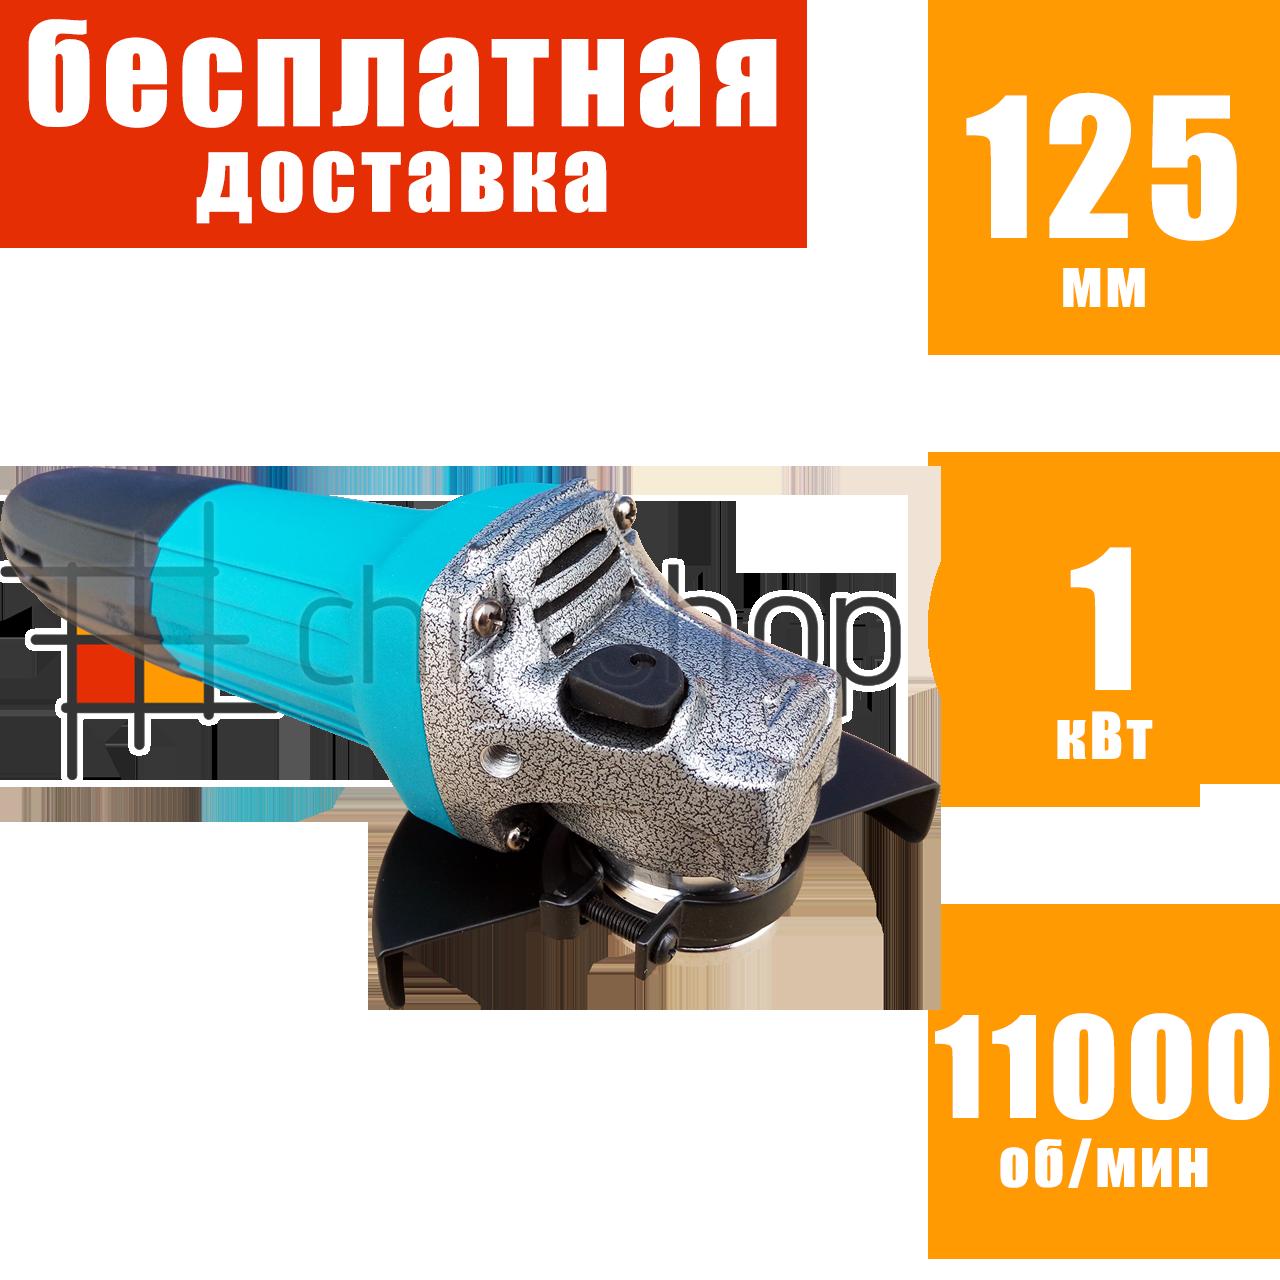 Болгарка 125 мм короткая ручка Riber WS 10 125, УШМ КШМ, углошлифовальная машина, угловая шлифмашина